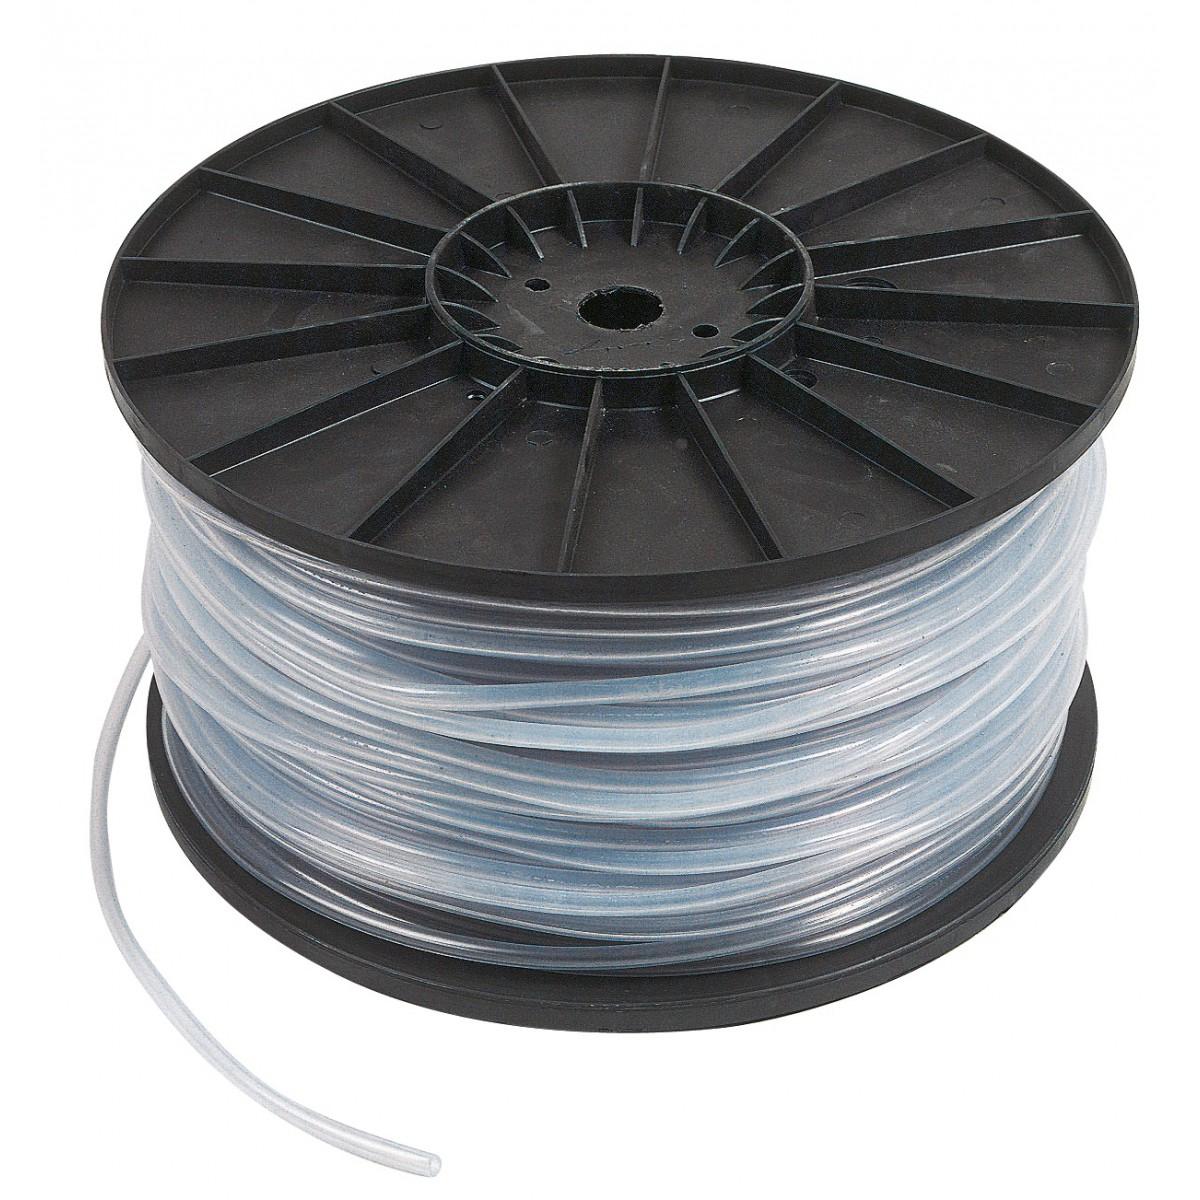 Bobine dévidoir cristal non armé Cap Vert - Longueur 40 m - Diamètre intérieur 16 mm - Extérieur 22 mm